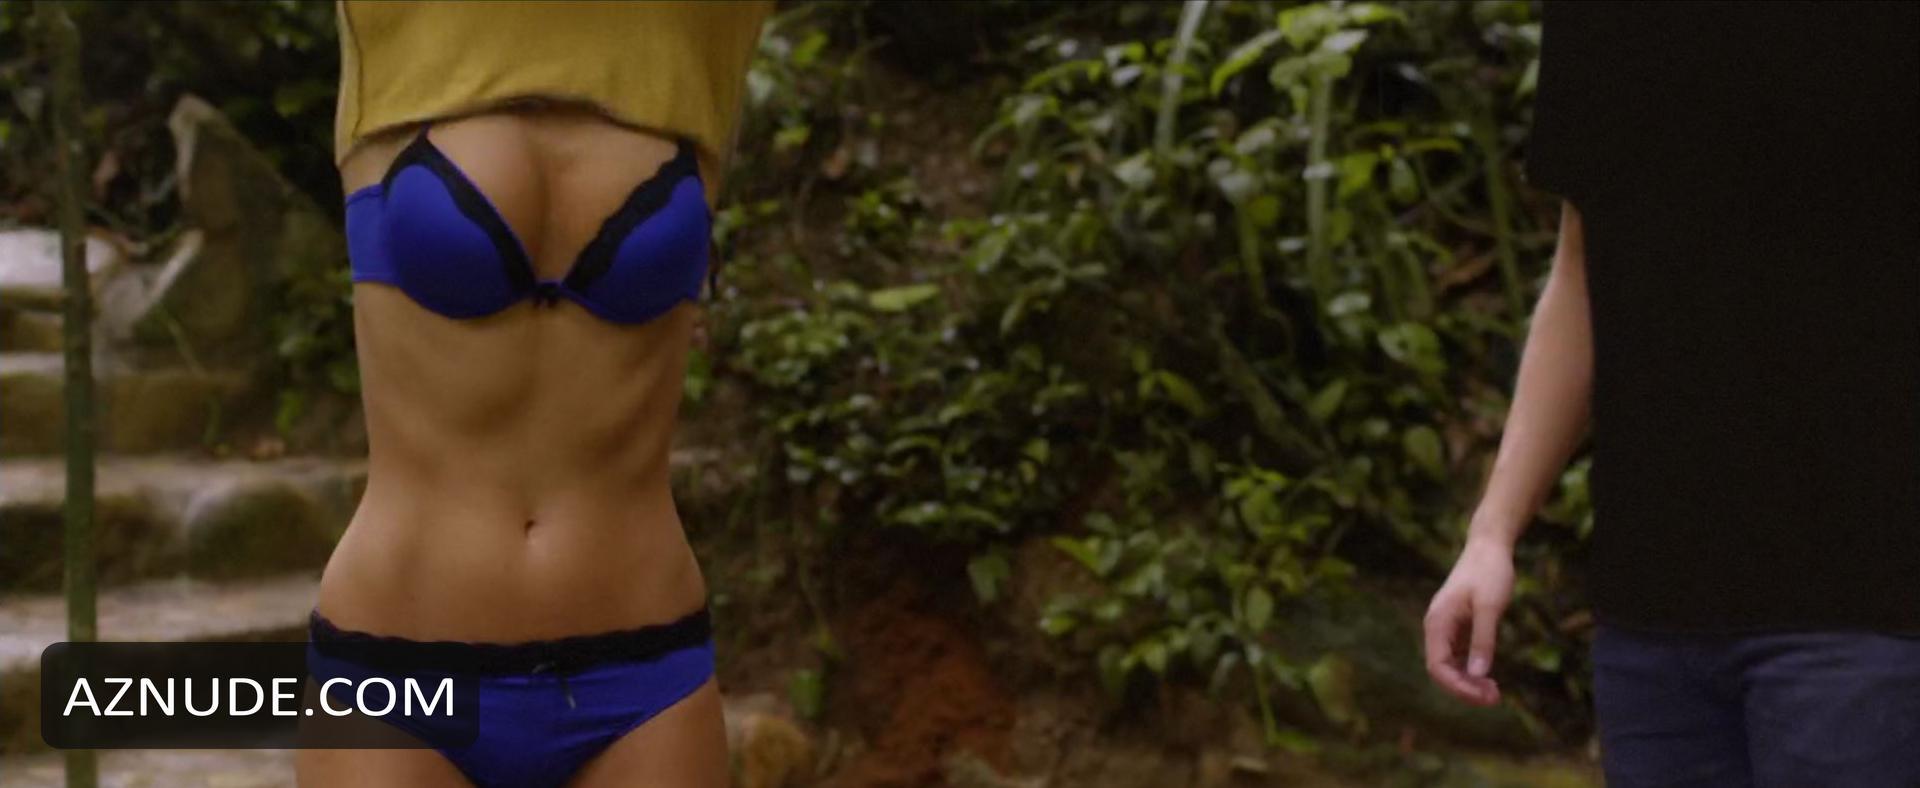 Village desi nude punjabi girls